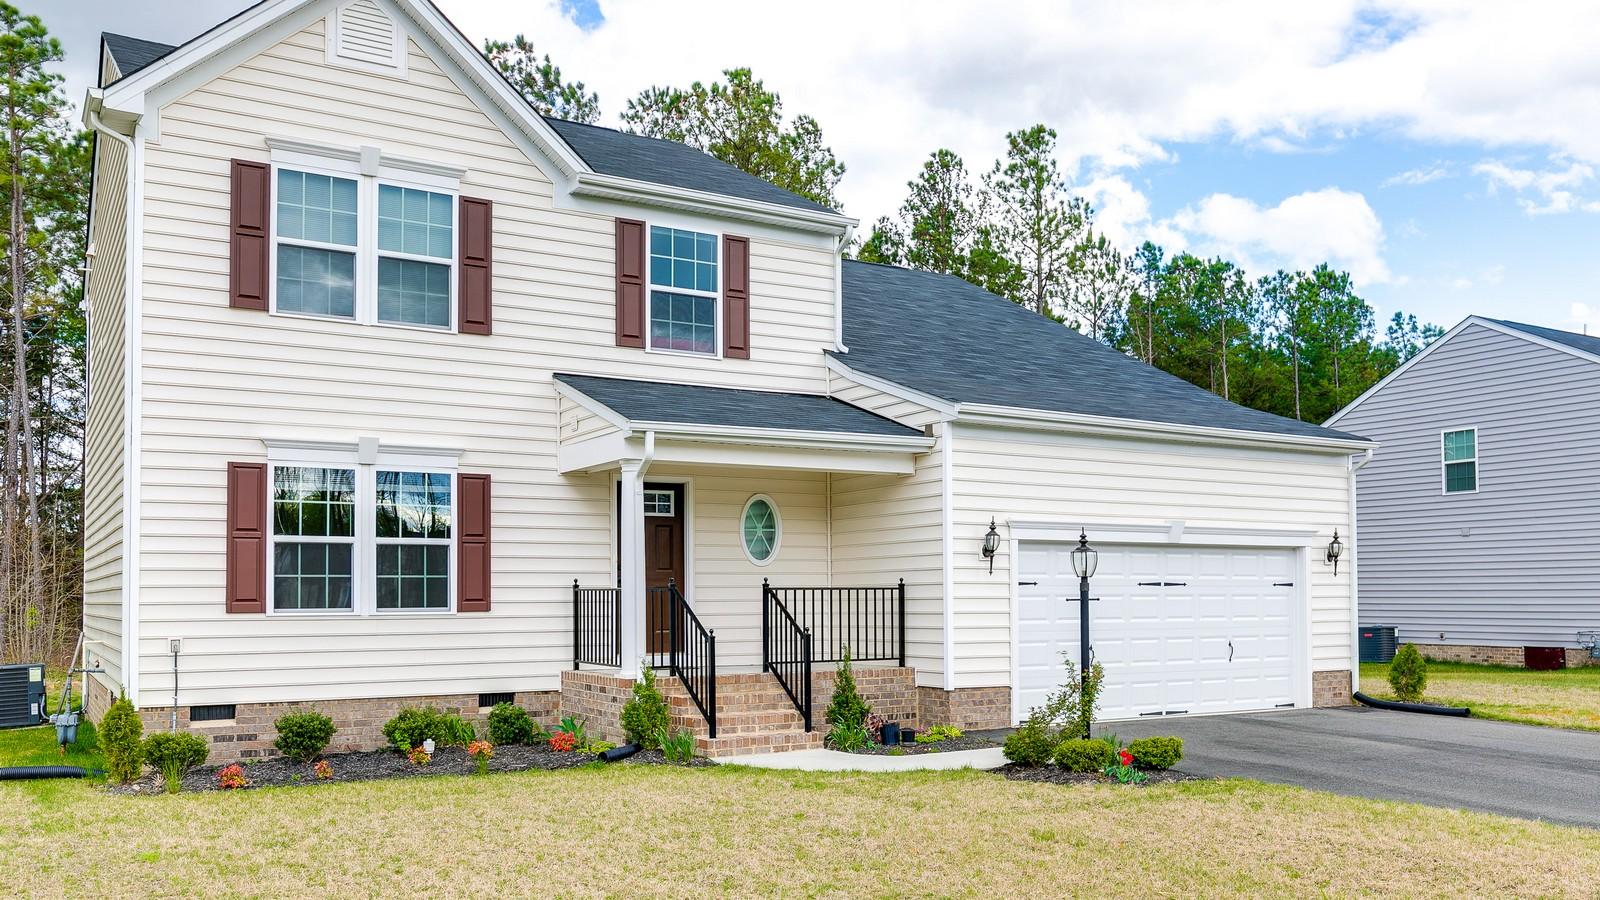 獨棟家庭住宅 為 出售 在 5428 Mason Manor Drive, Richmond Richmond, 弗吉尼亞州 23223 美國